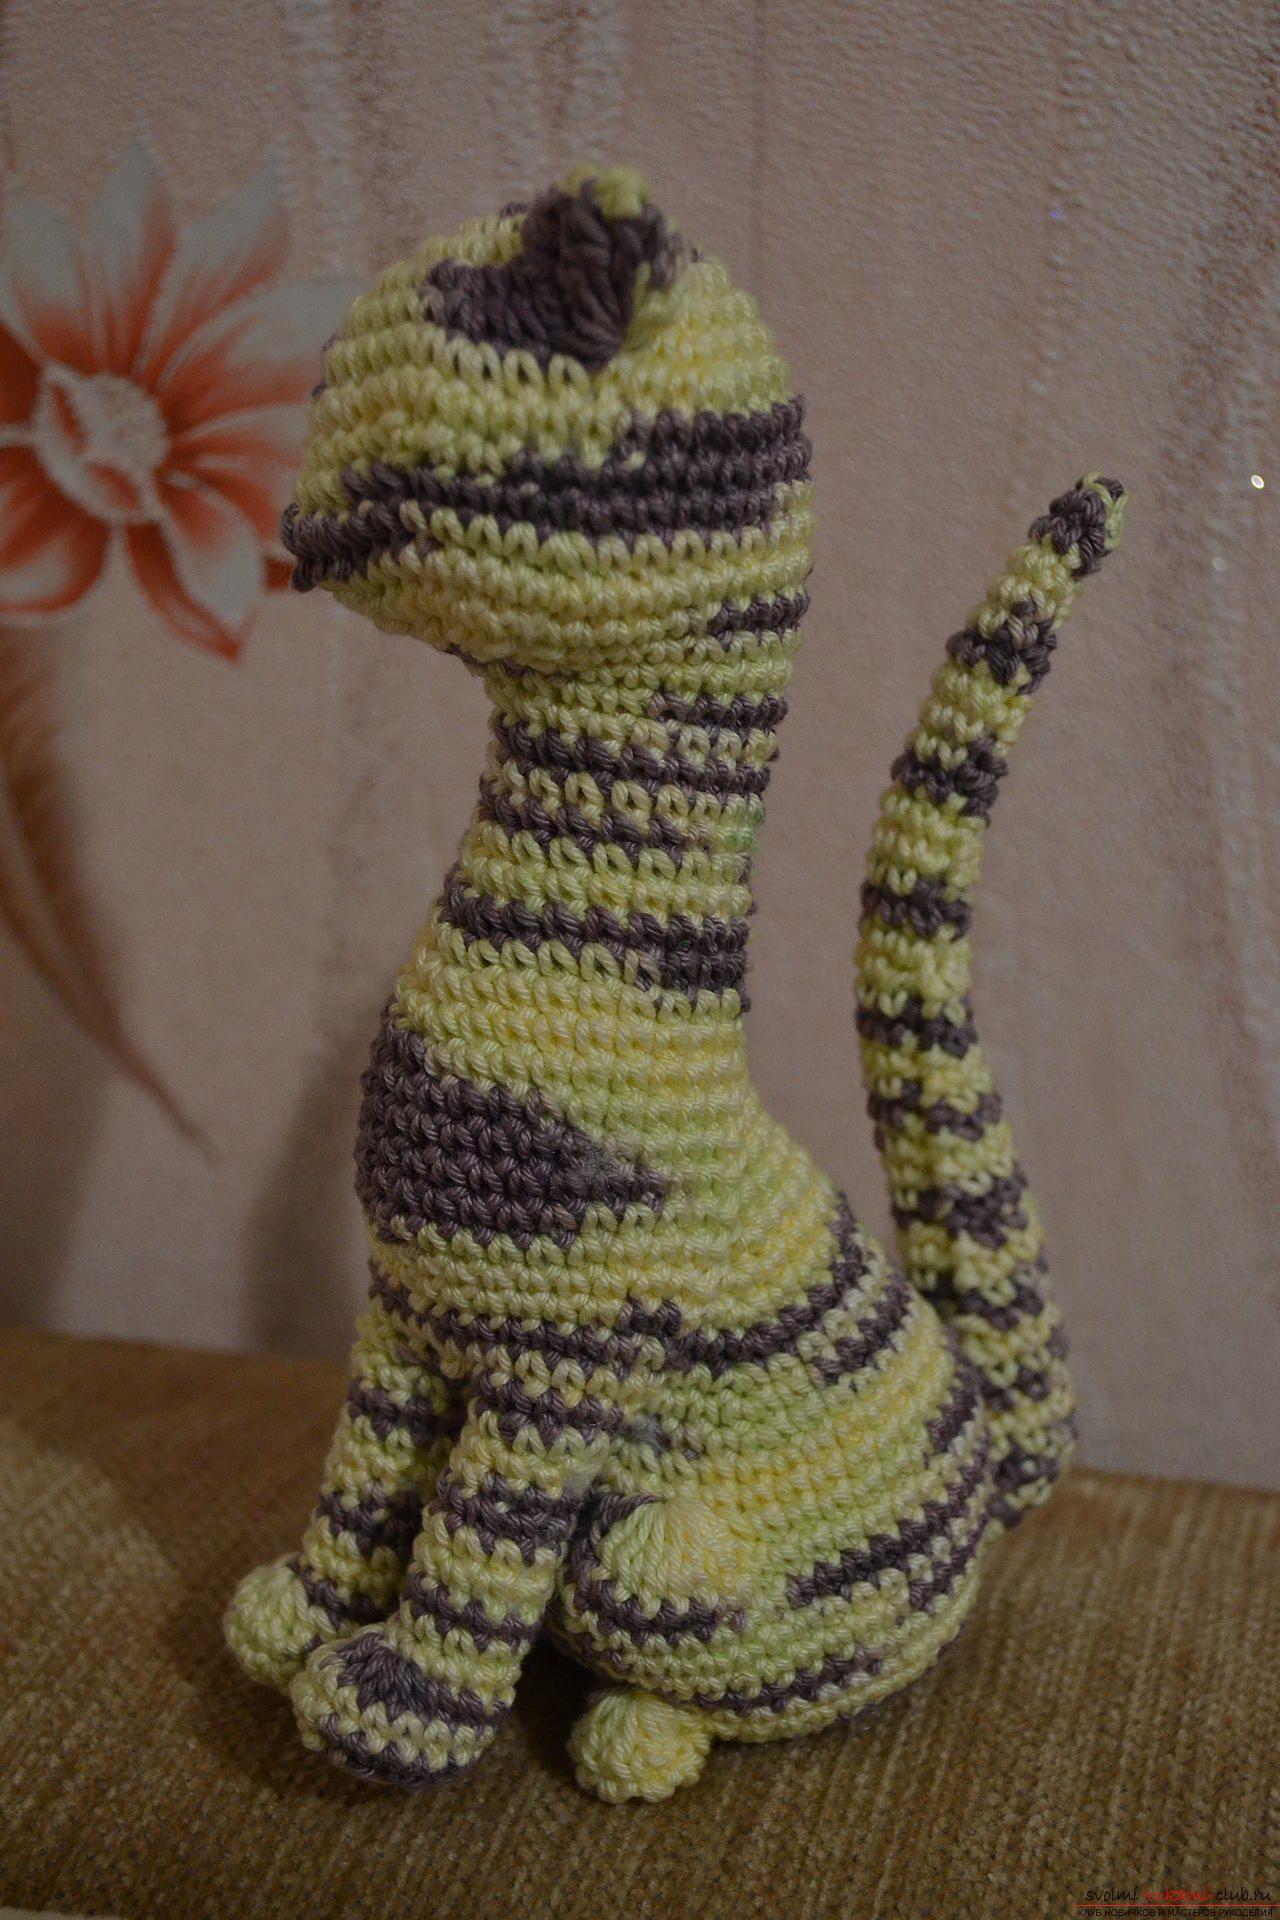 Вязание игрушек крючком - схема кошки | Вязаные крючком ...